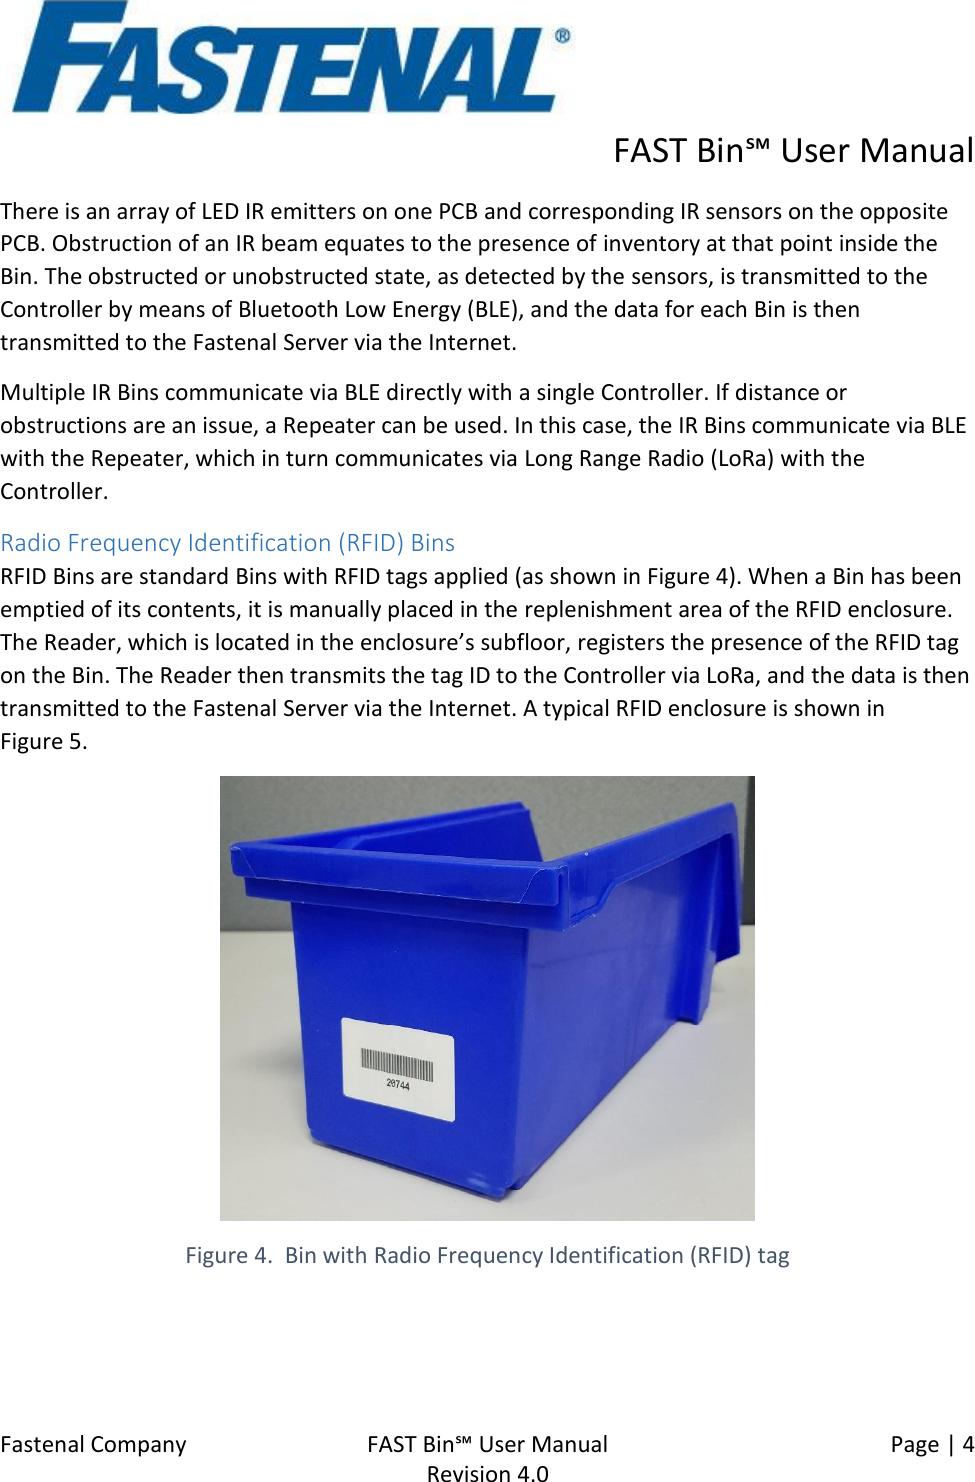 Fastenal 9705082V1-0 FastBin Reader User Manual FAST Bin